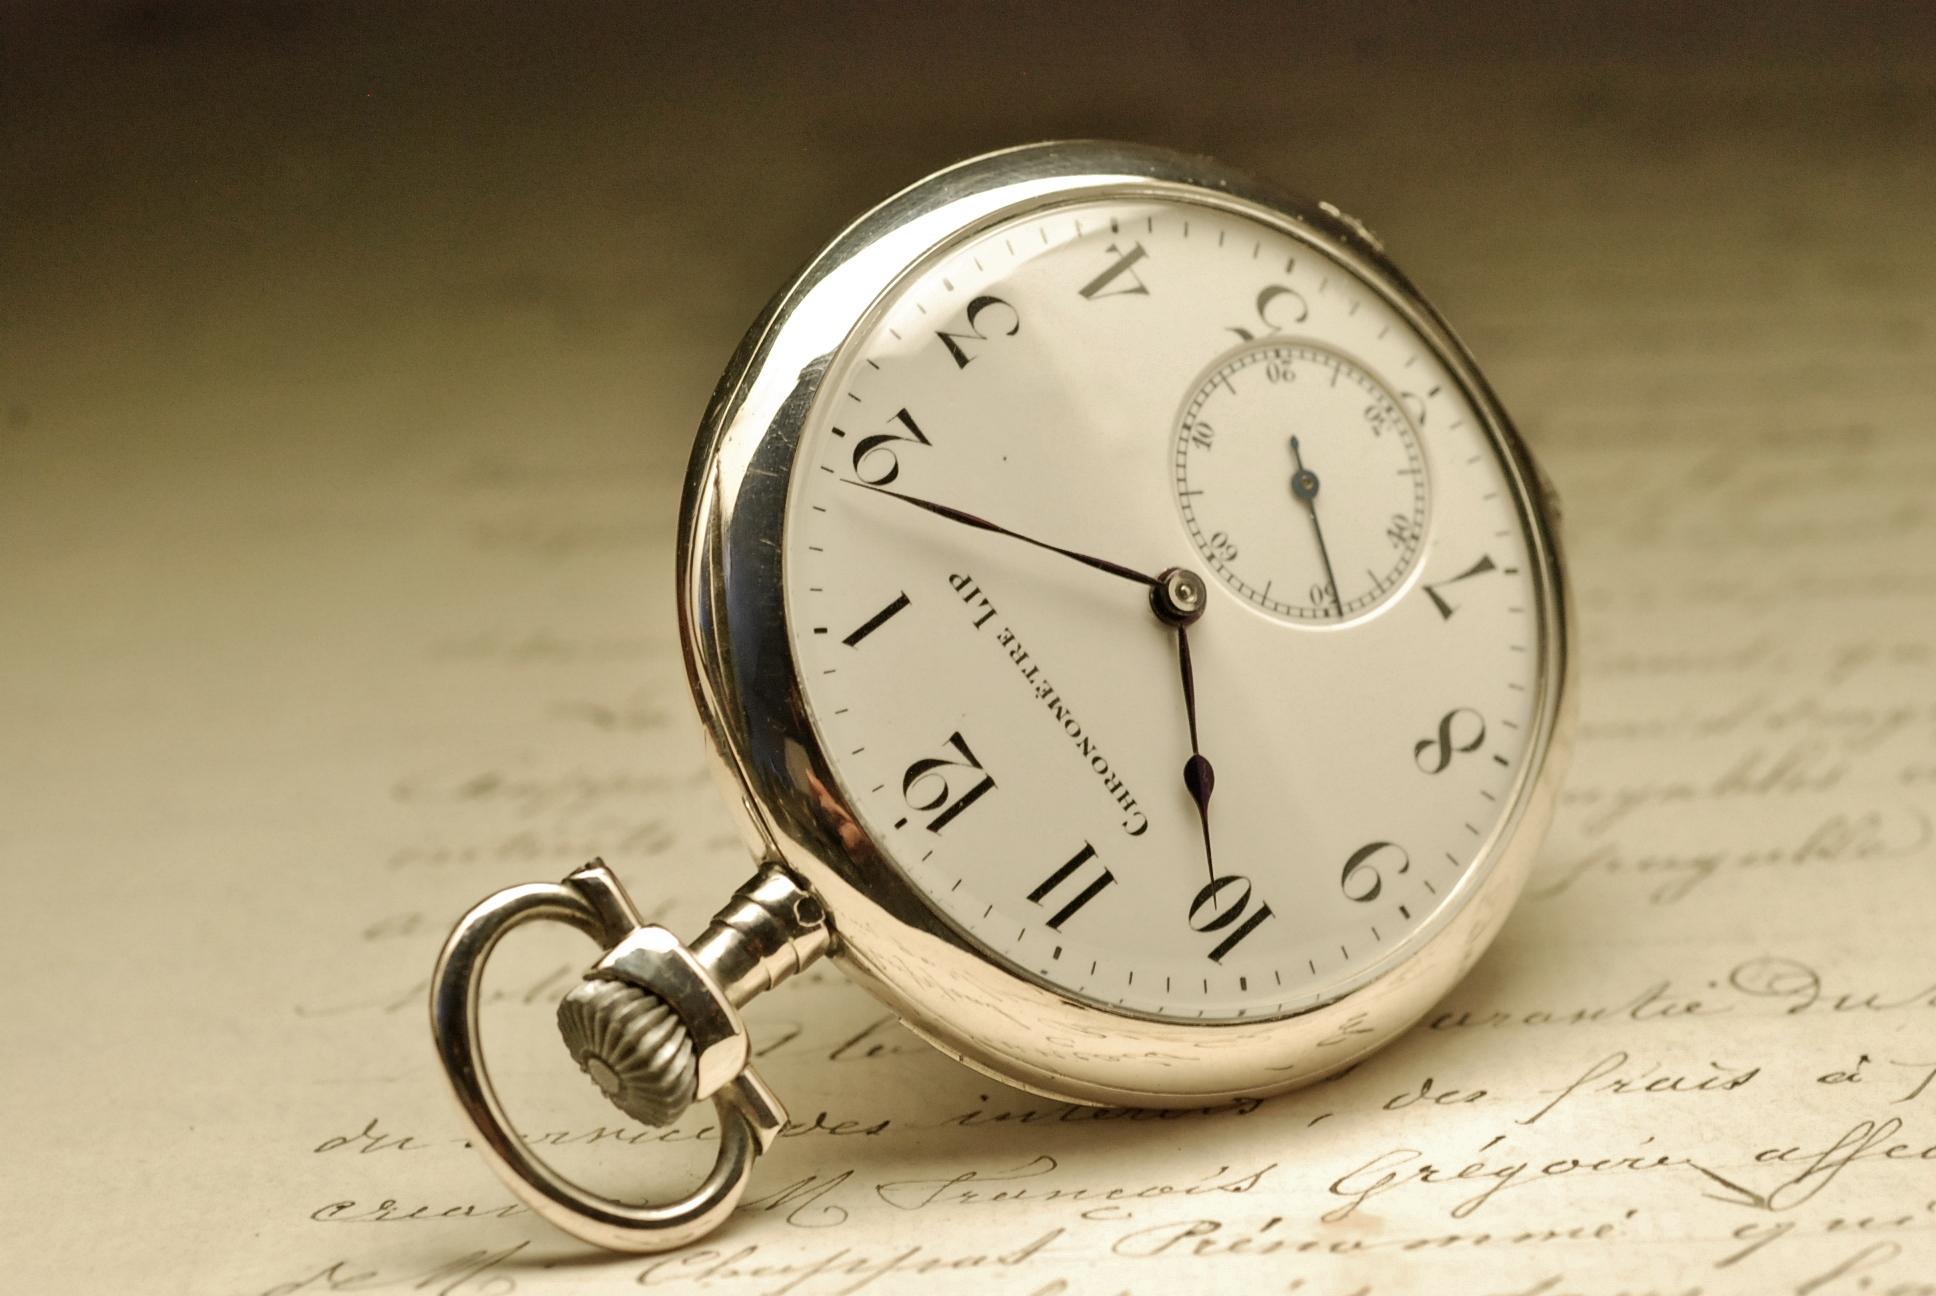 montre ancienne gousset lip chronometre en argent silver. Black Bedroom Furniture Sets. Home Design Ideas